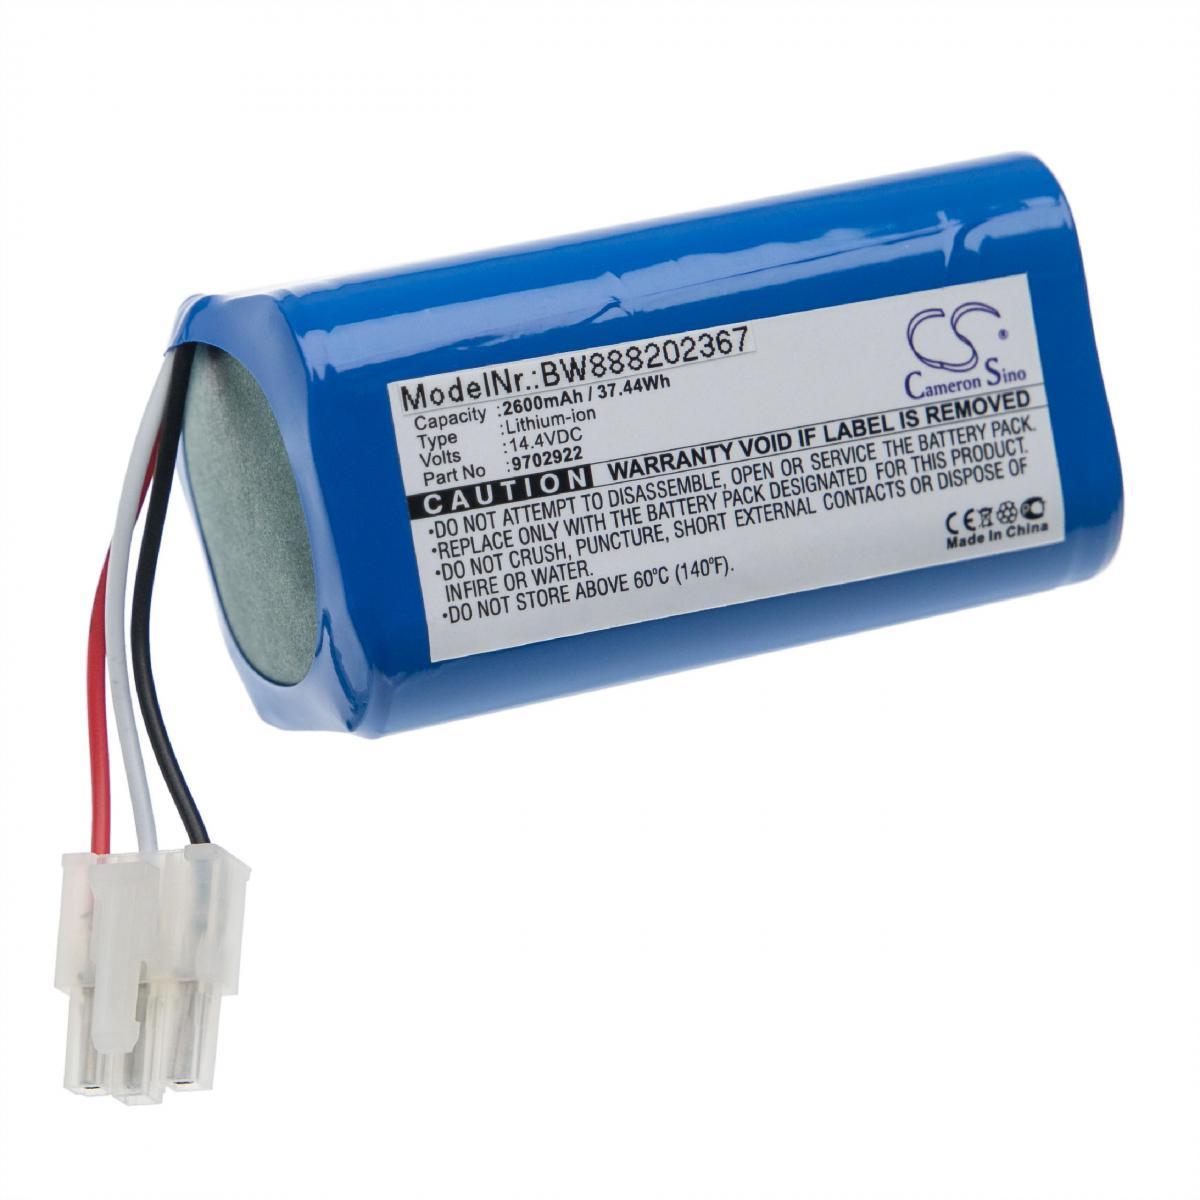 Vhbw vhbw Batterie compatible avec Miele RX1-SJQL0, Scout RX1 aspirateur, robot électroménager (2600mAh, 14,4V, Li-ion)